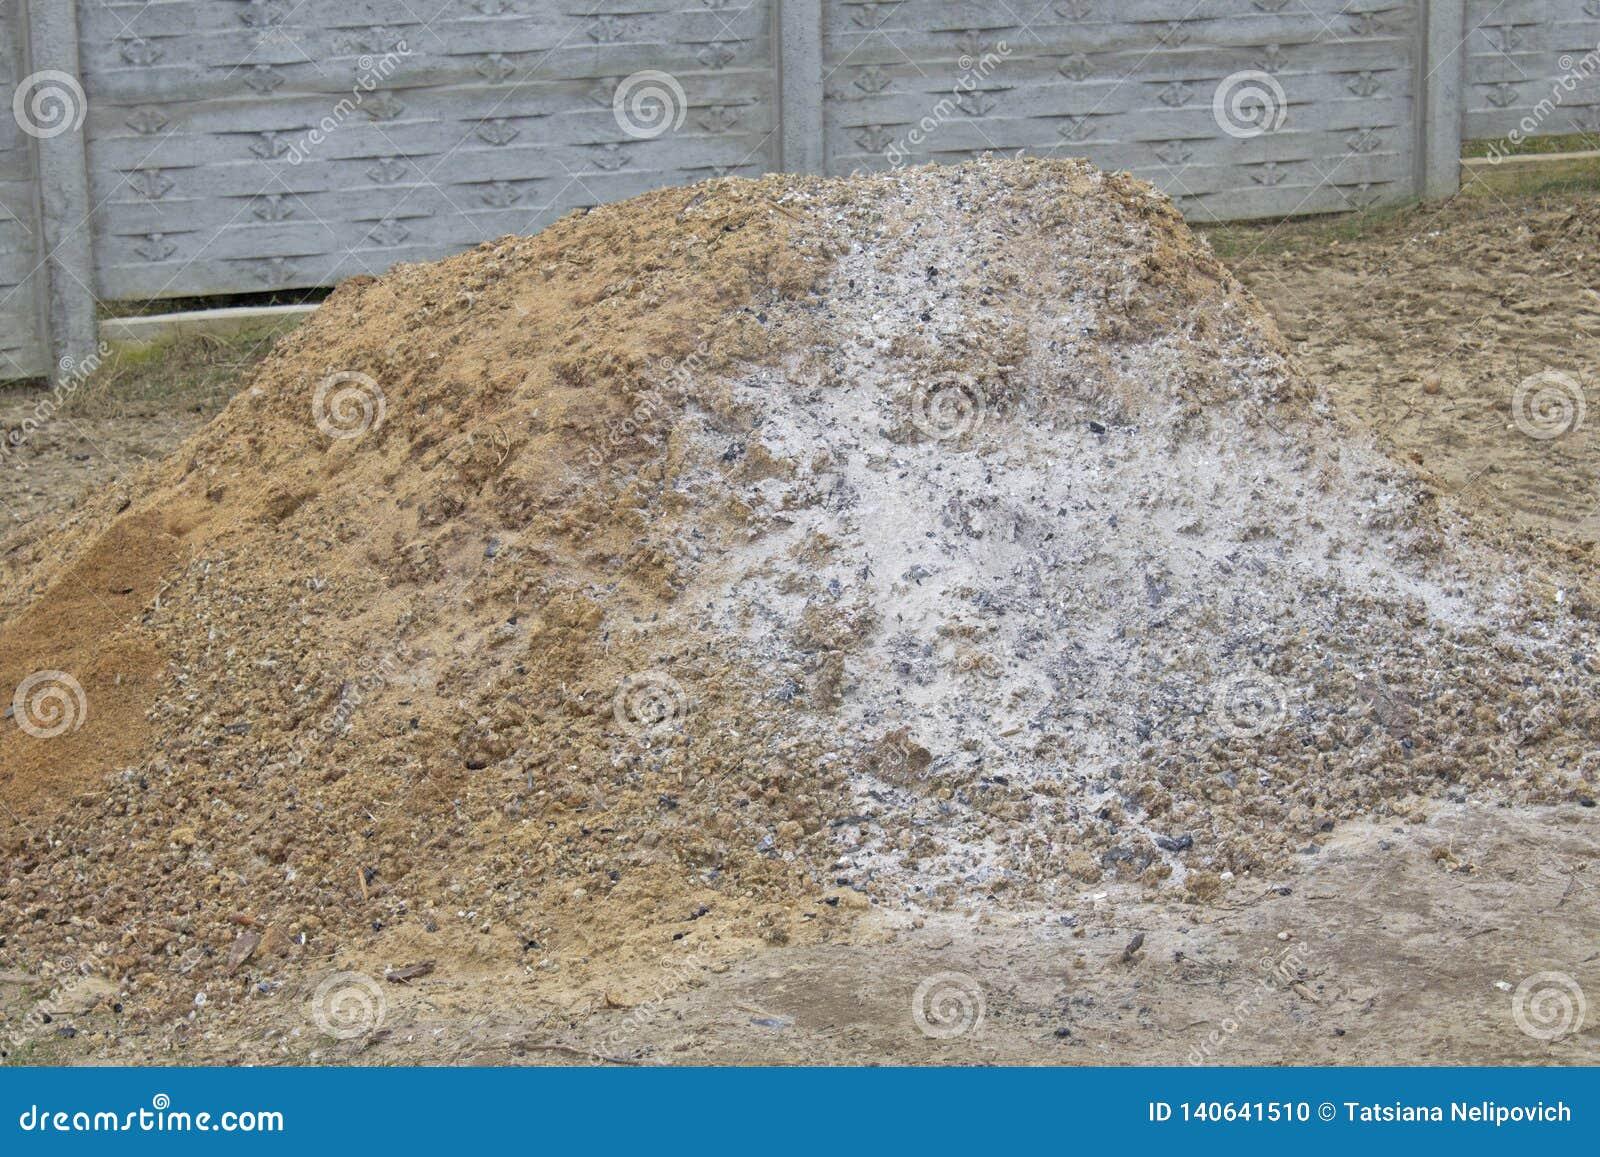 Pile d engrais sur le champ de ferme pendant l hiver